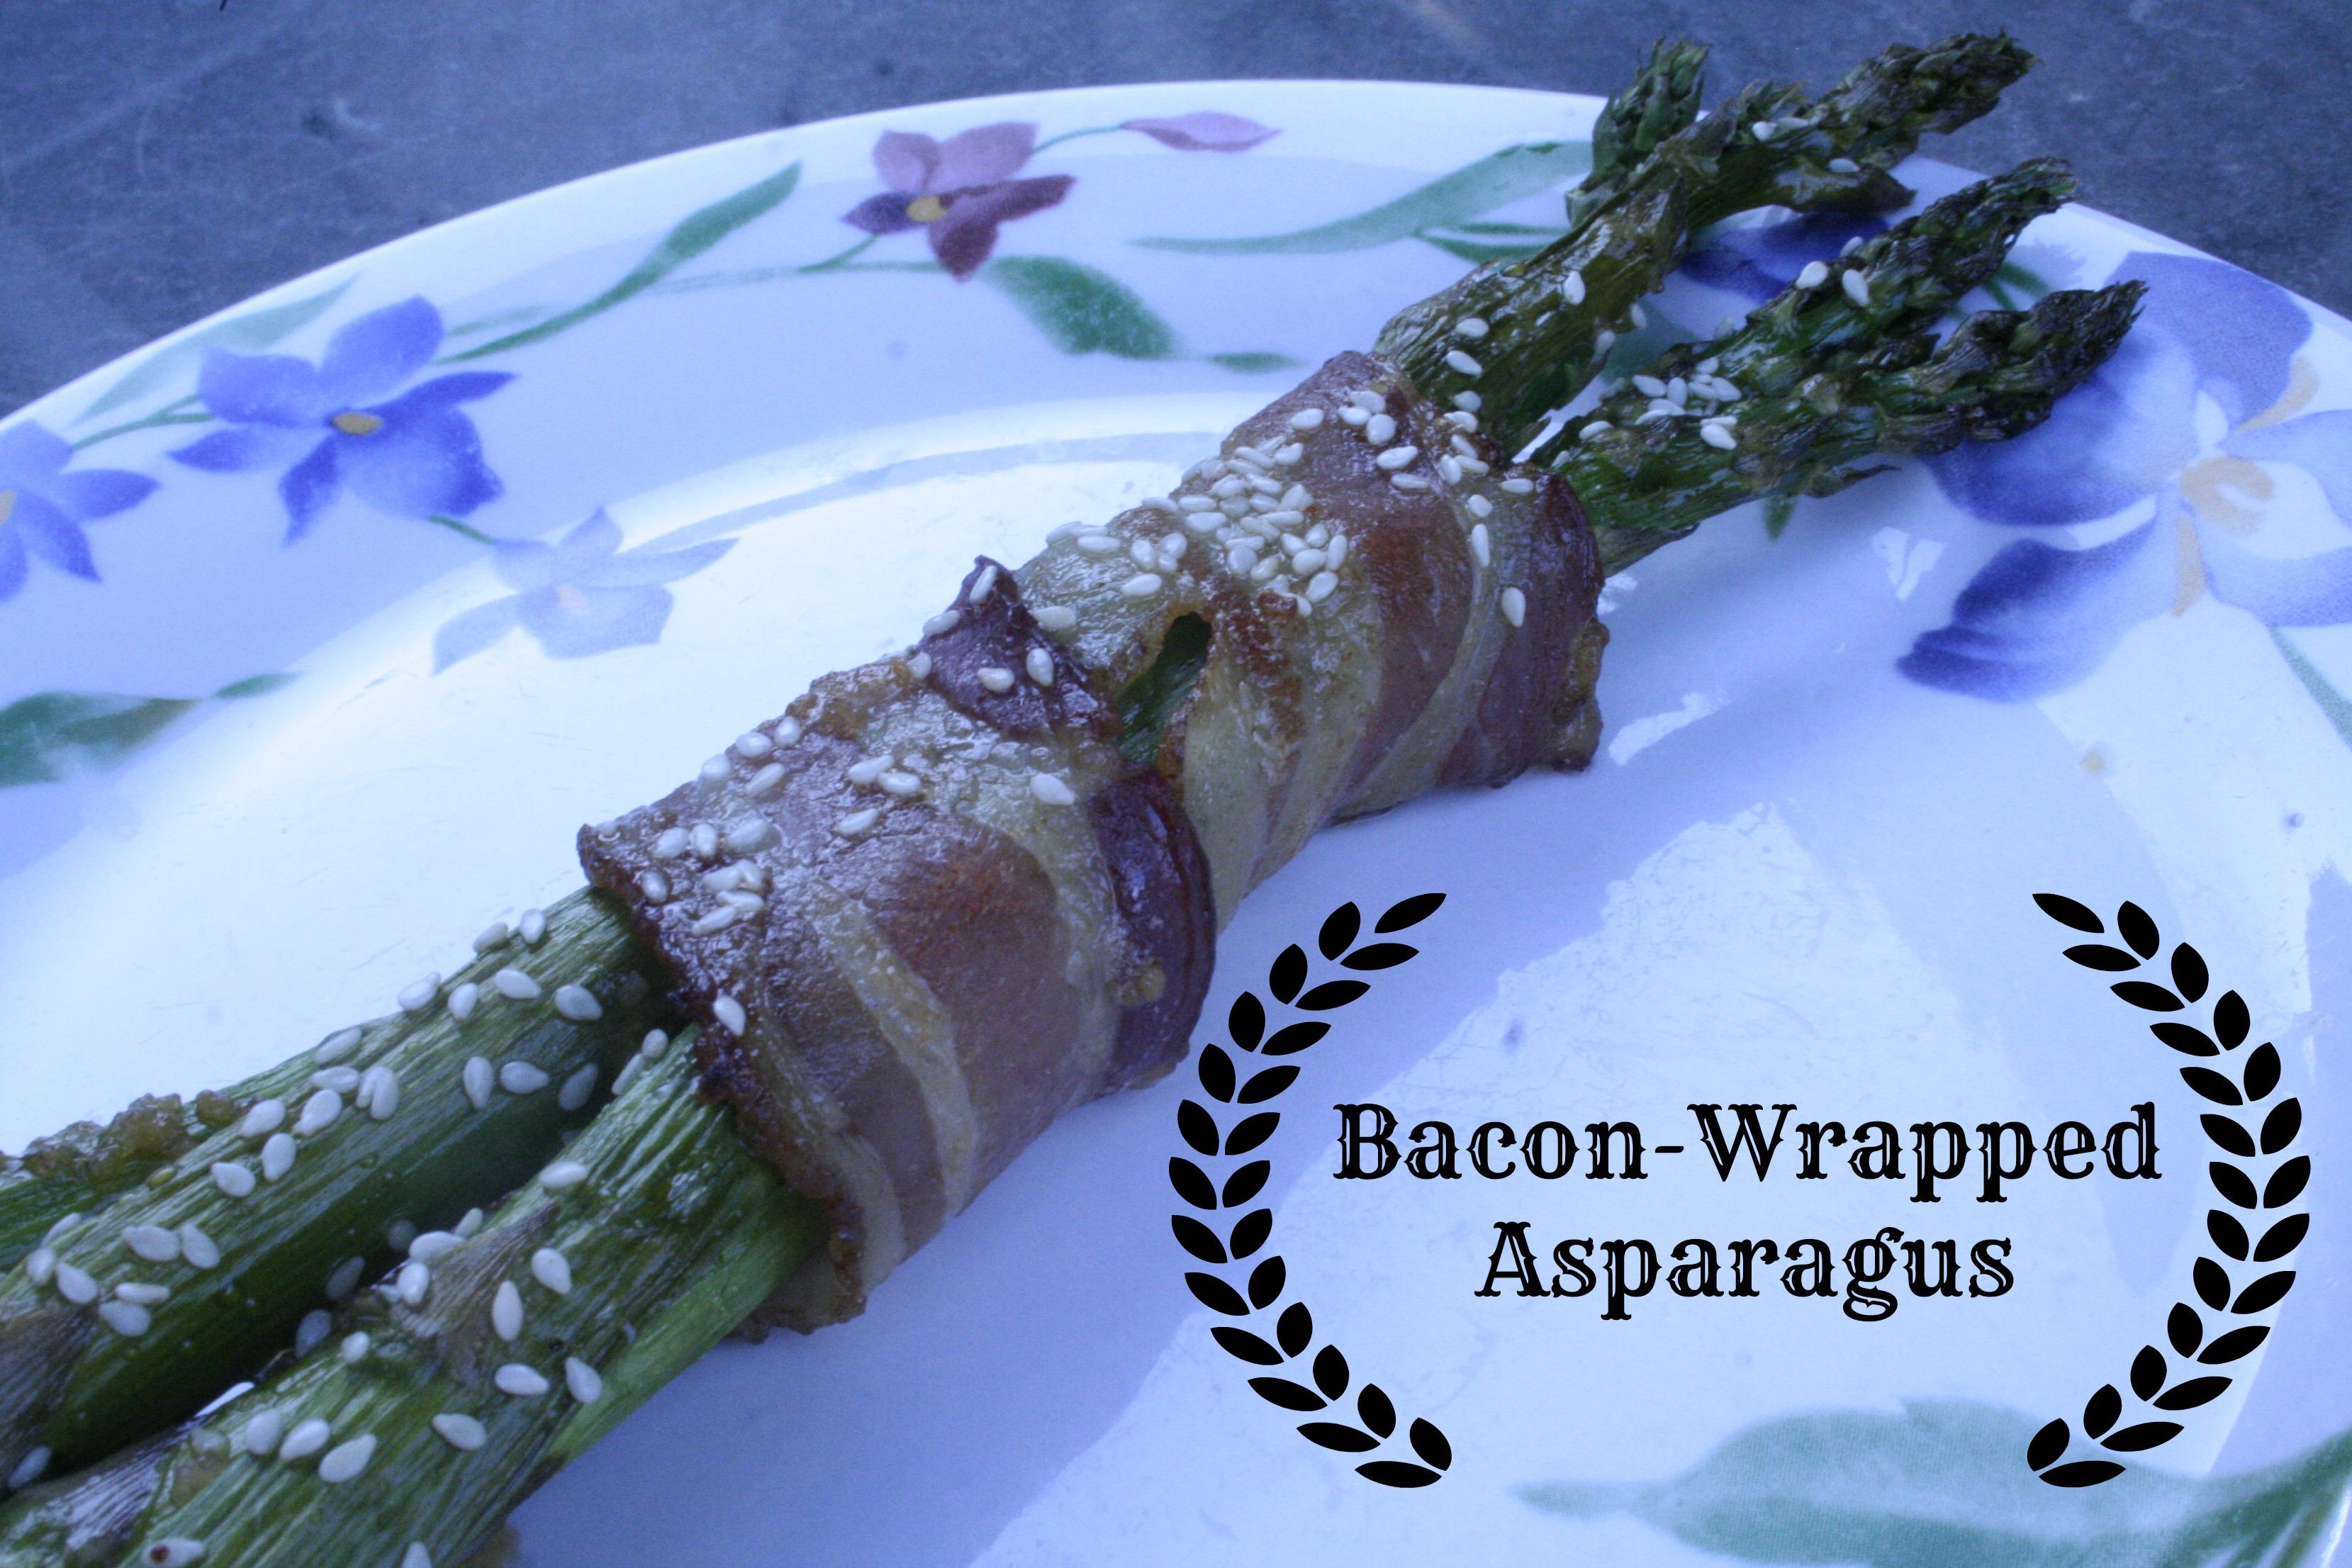 AsparagusText.jpg